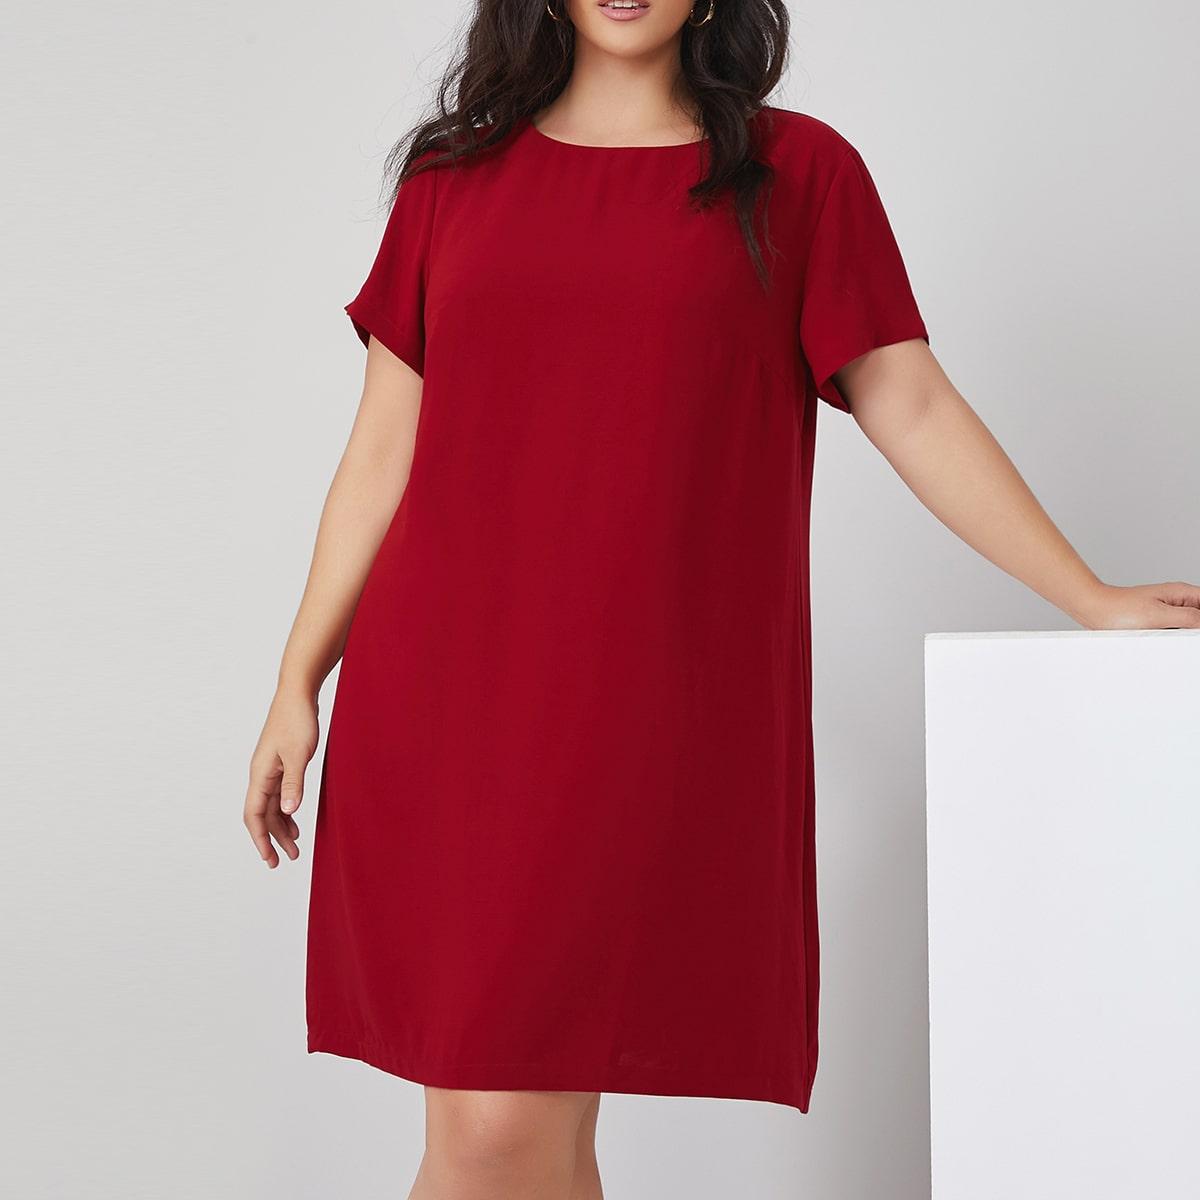 Однотонное платье размера плюс